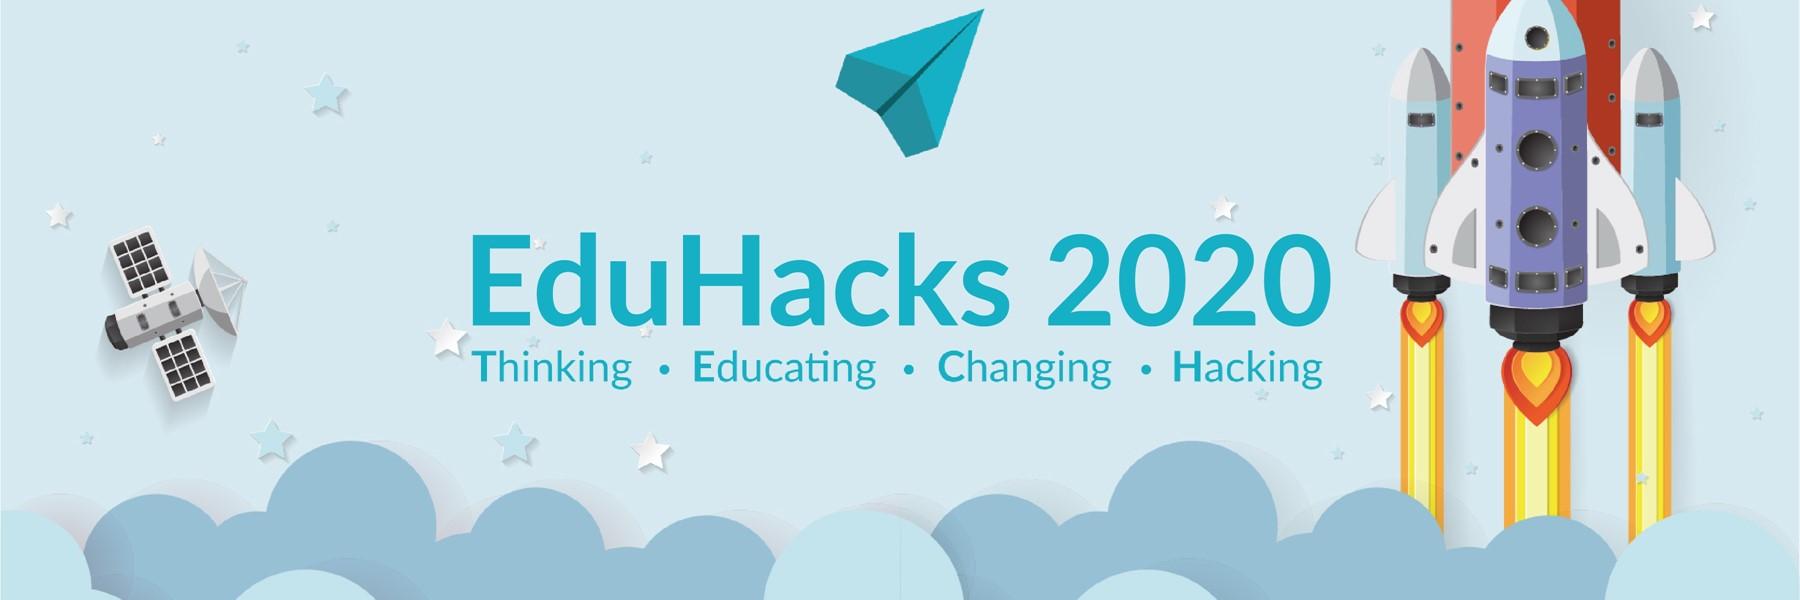 EduHacks 2020 Banner.